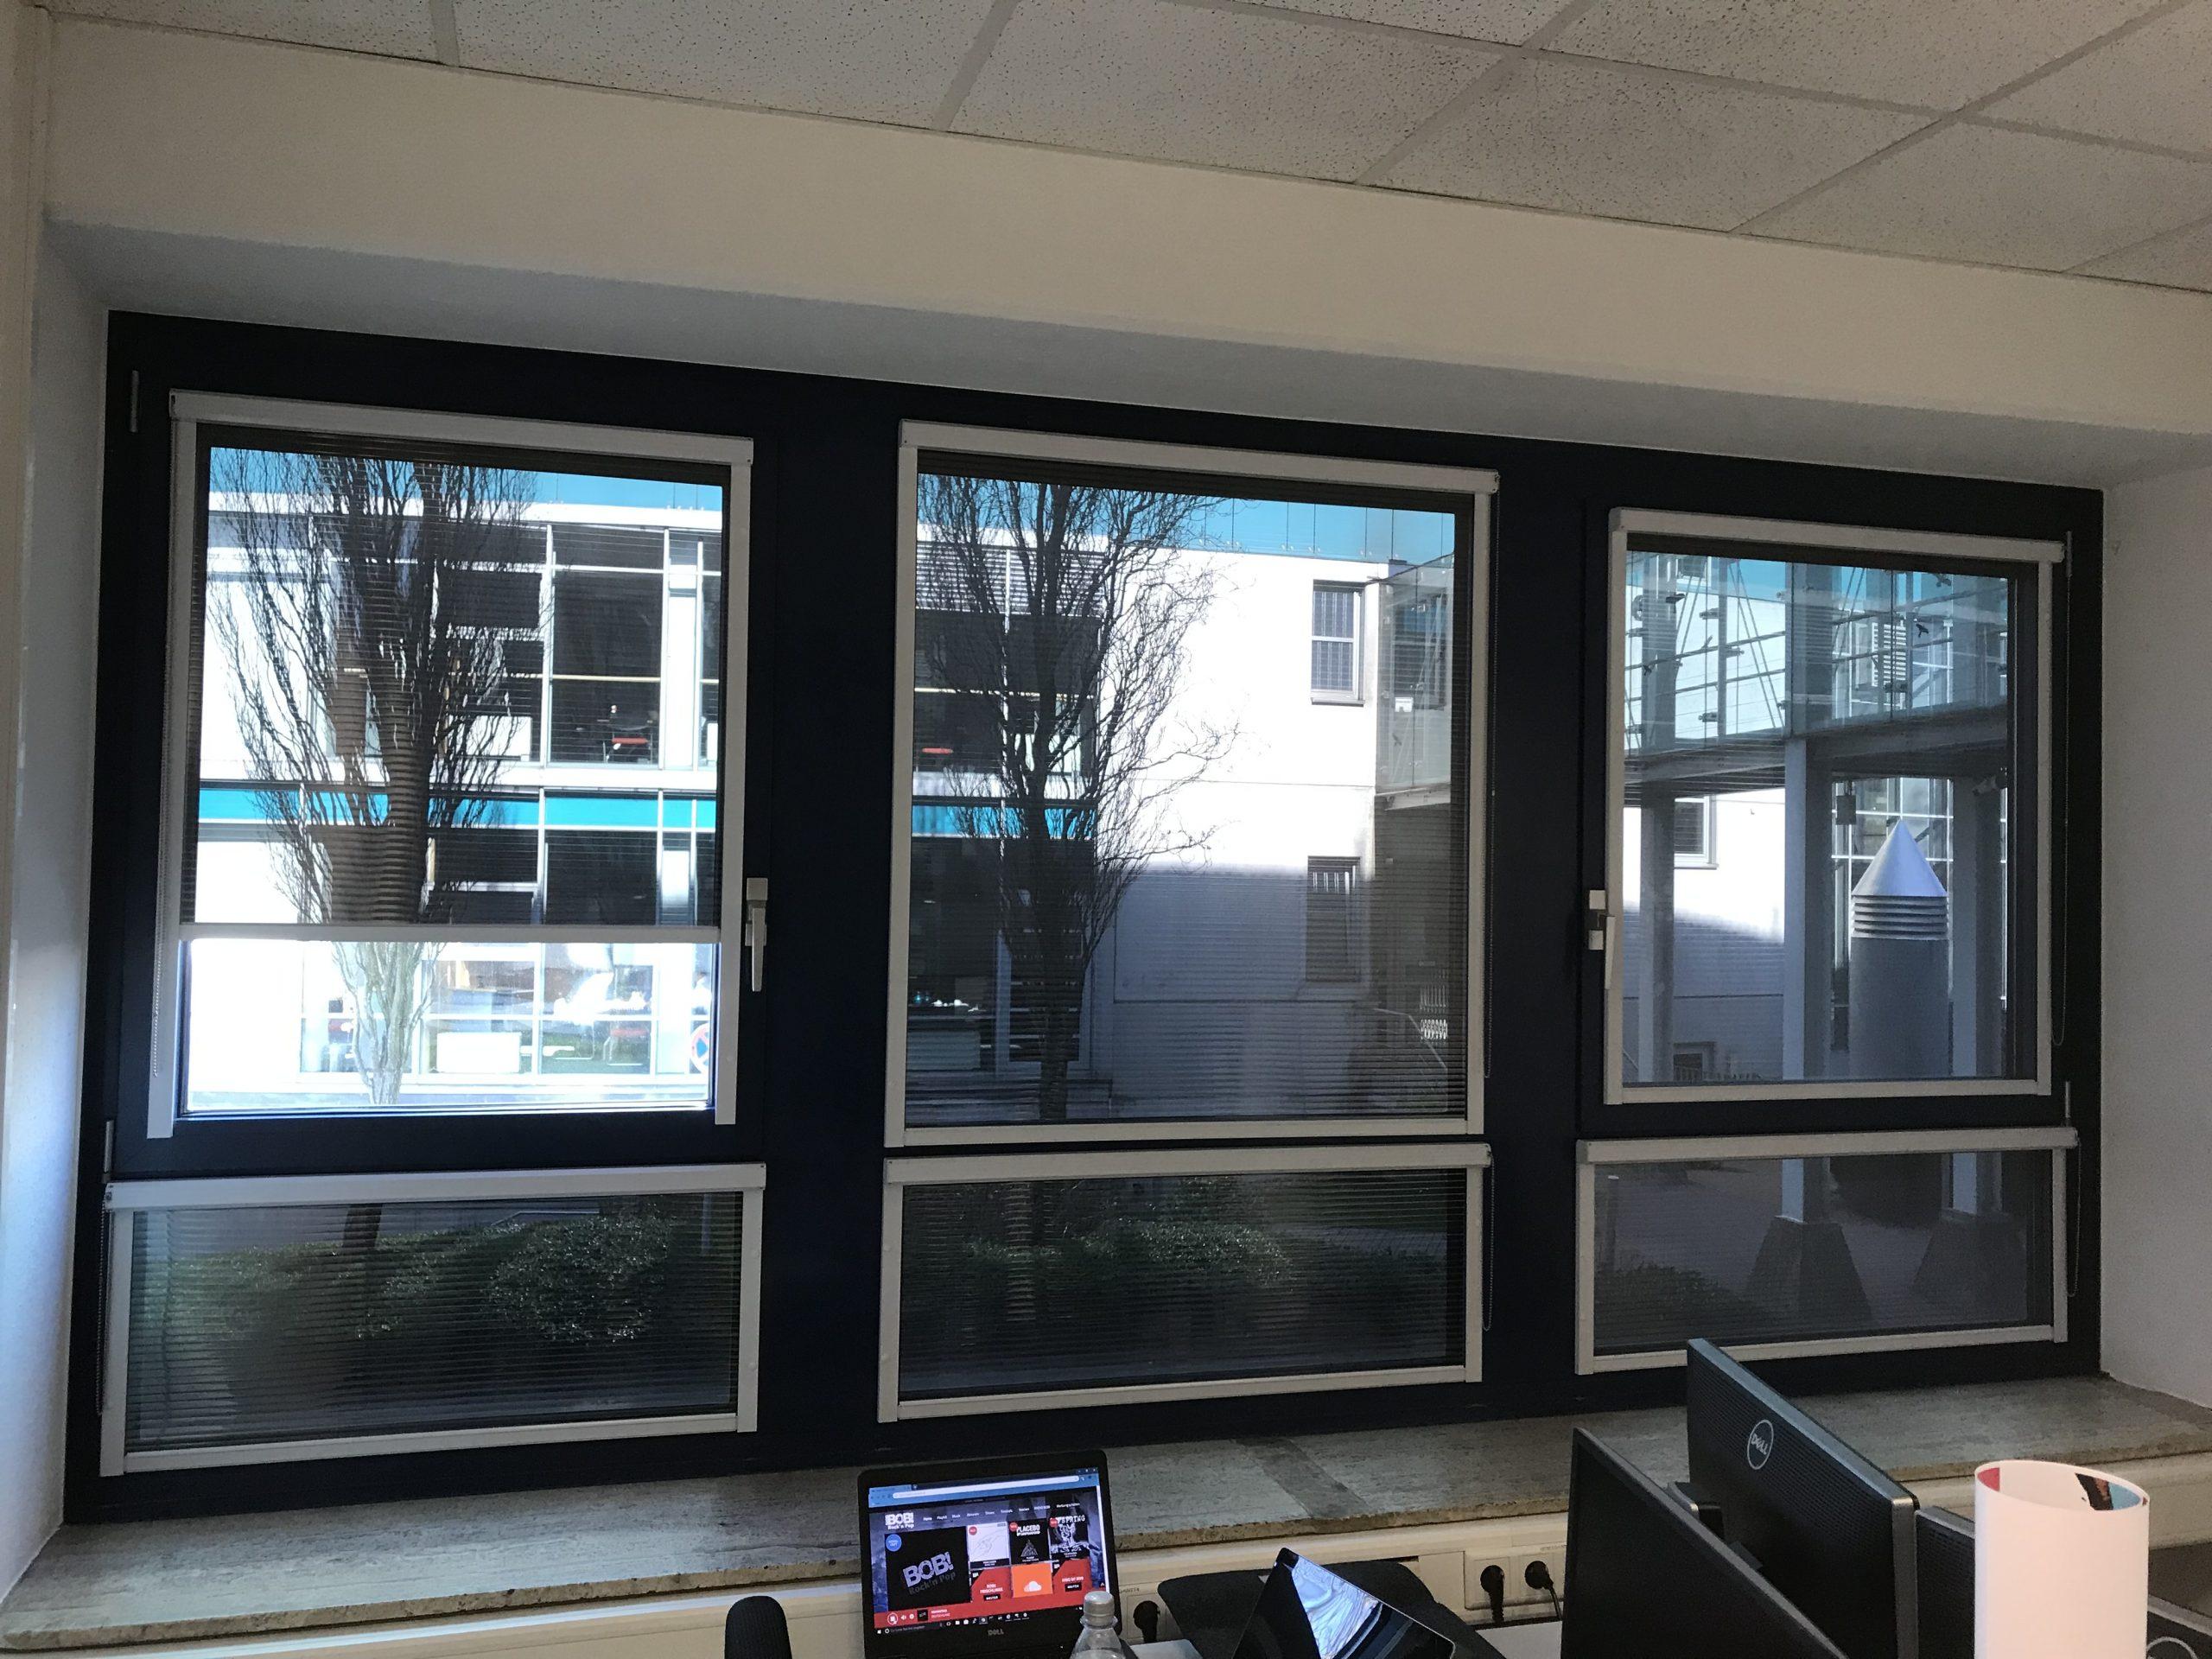 Full Size of Sonnenschutzfolie Fenster Innen Selbsthaftend Anbringen Oder Aussen Montage Doppelverglasung Hitzeschutzfolie Entfernen Baumarkt Test Obi Sonnenschutz Fenster Sonnenschutzfolie Fenster Innen